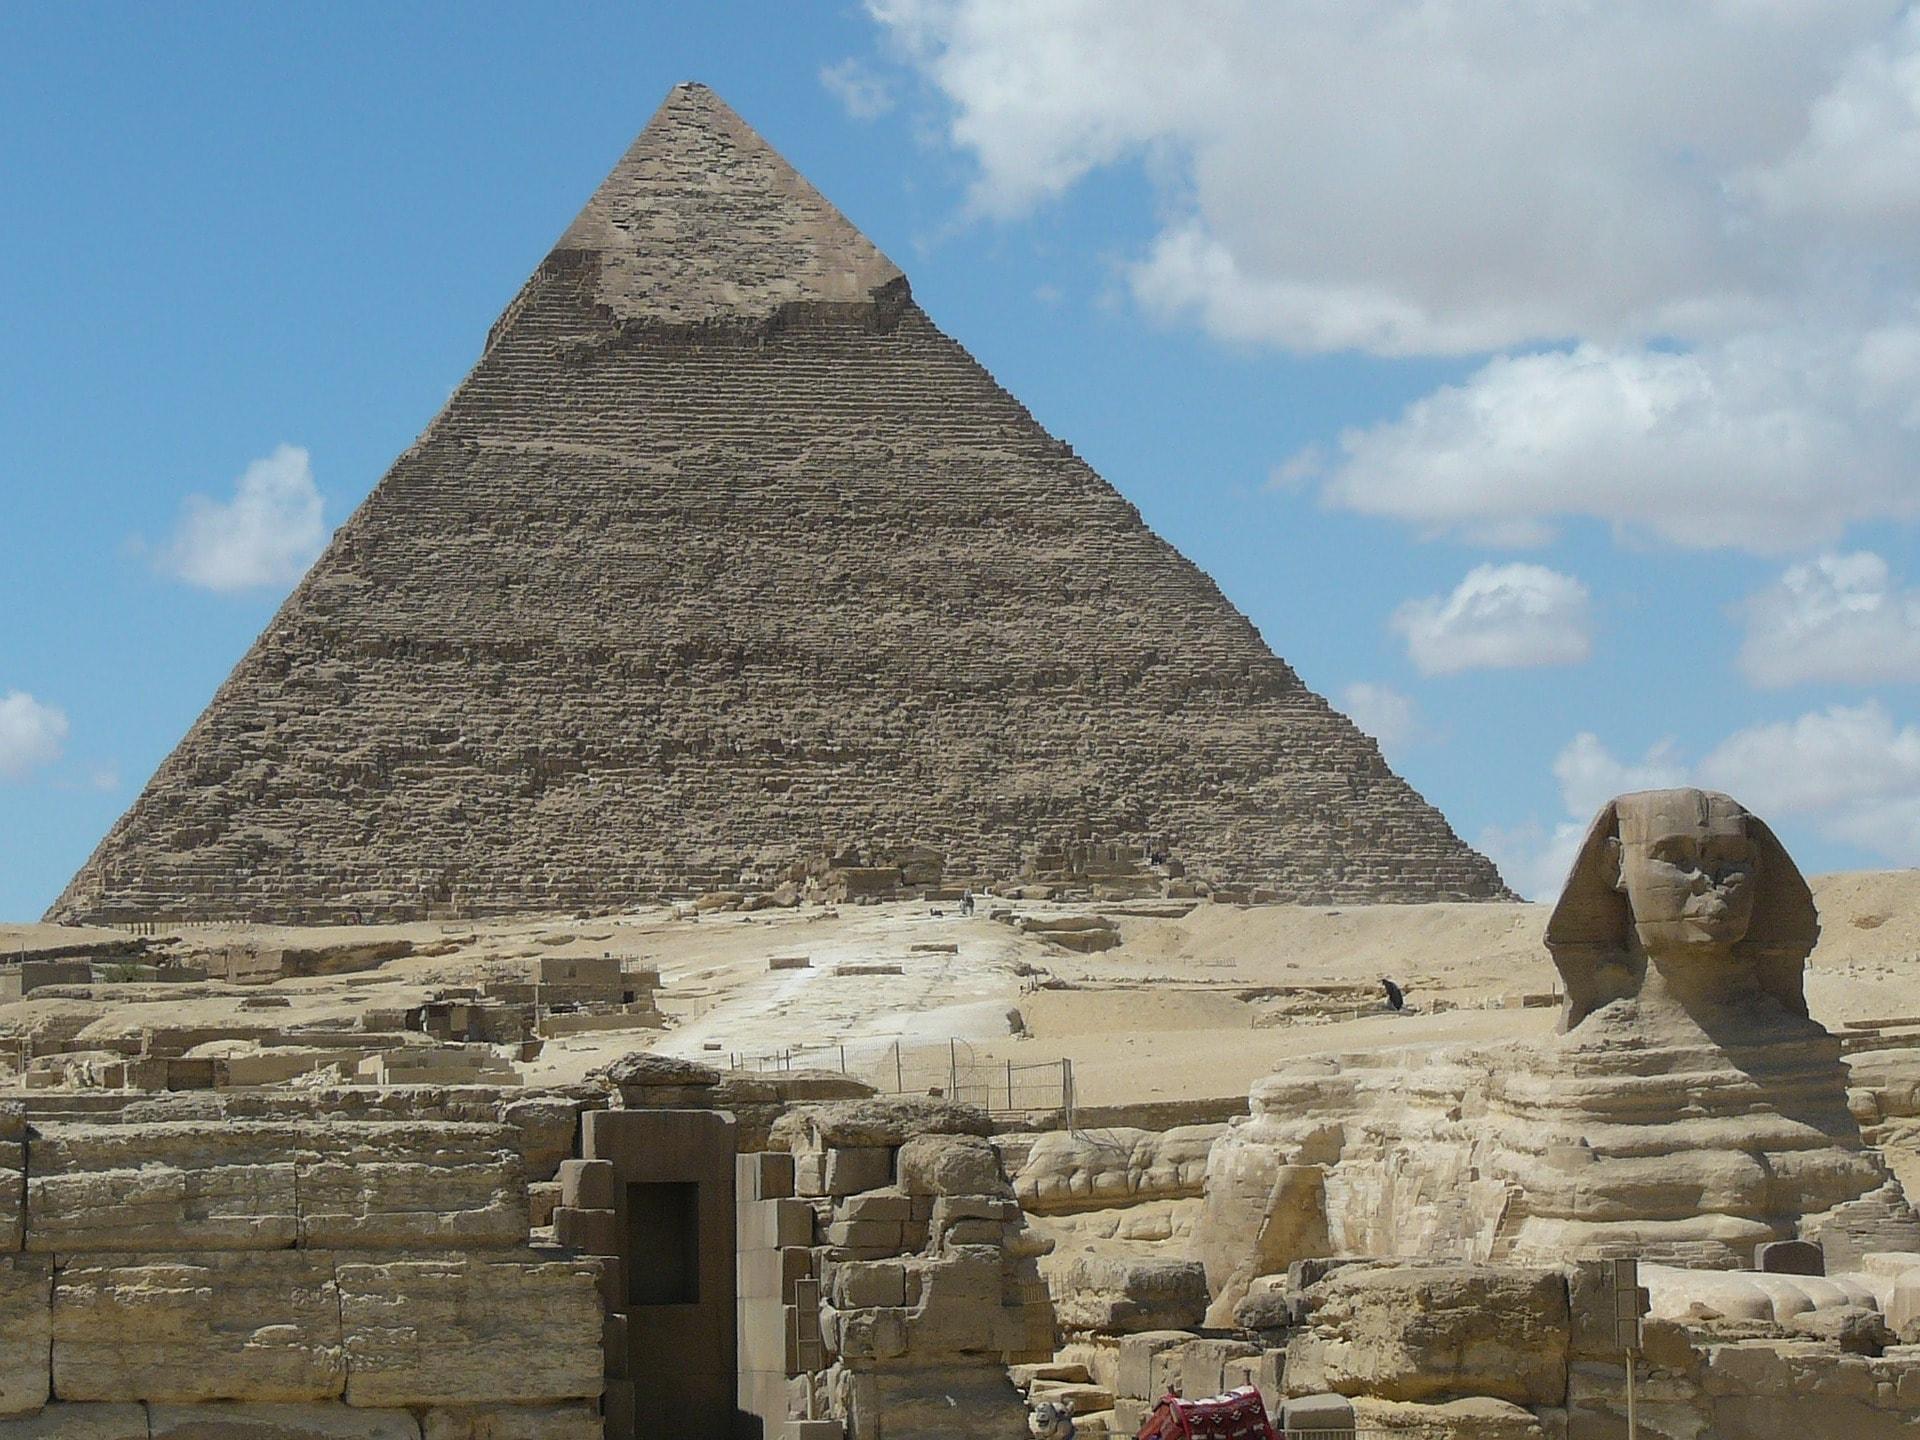 pyramids-232679_1920